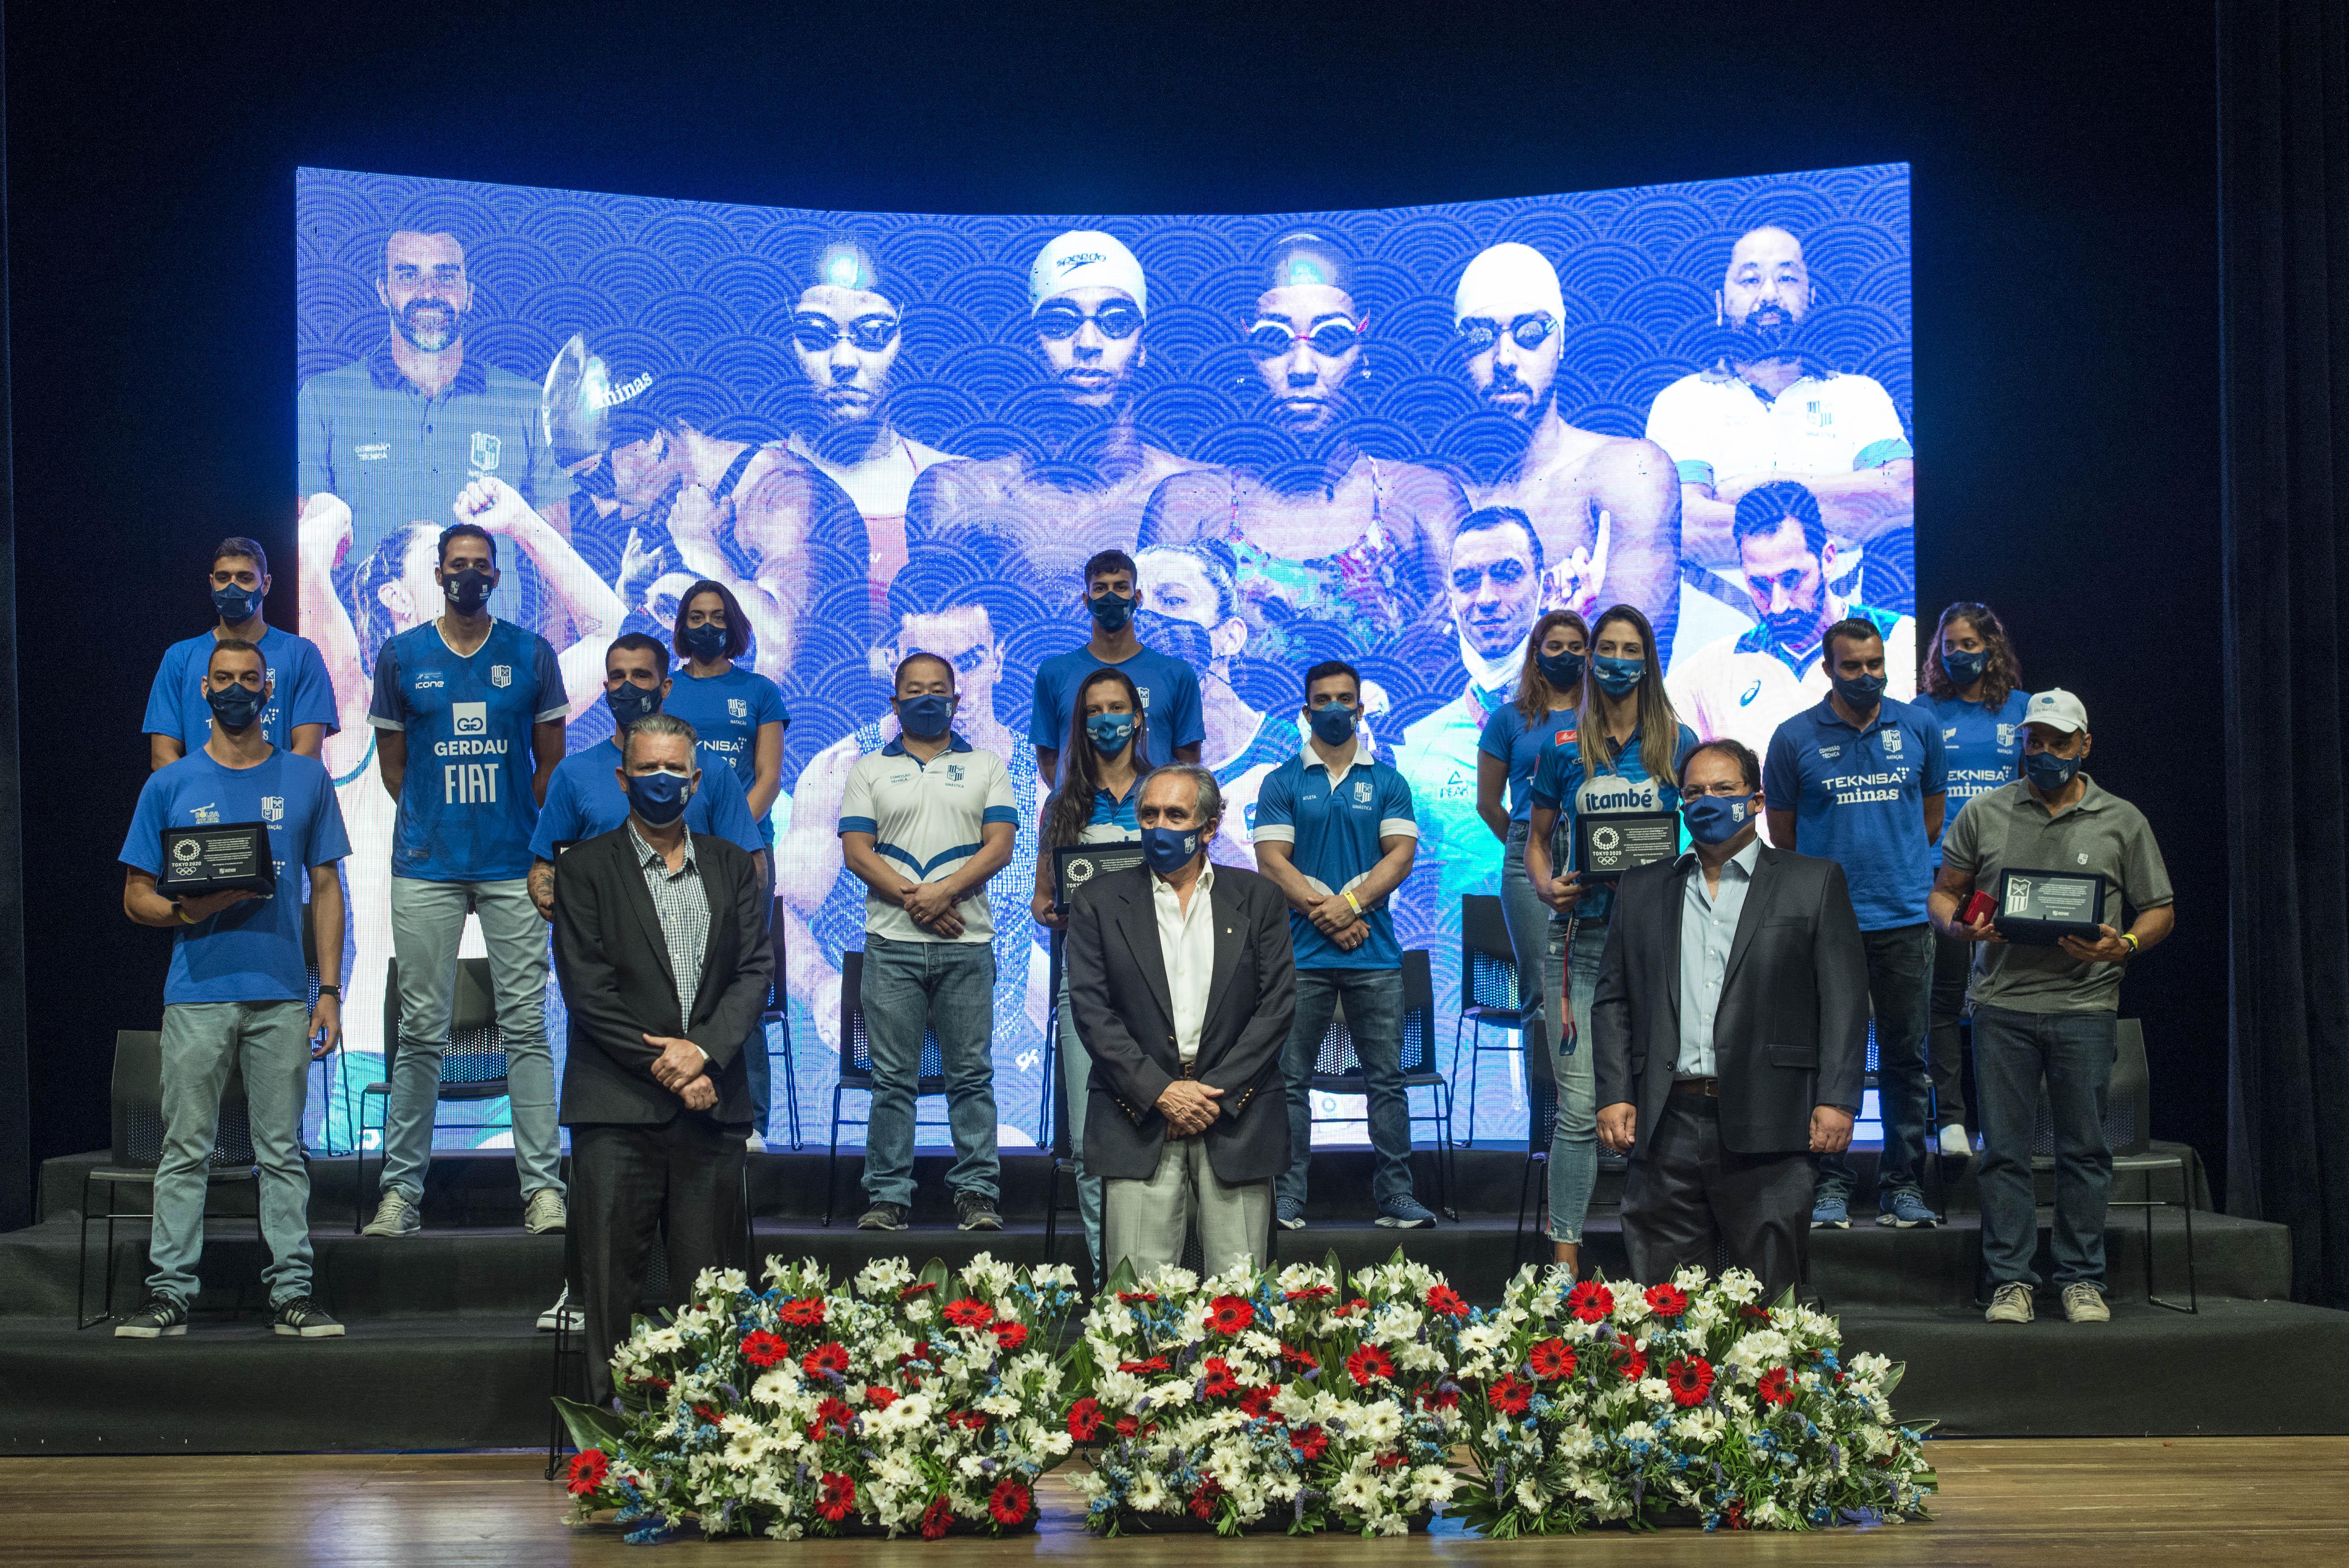 Diretoria do Minas homenageia atletas e treinadores que participaram dos Jogos de Tóquio